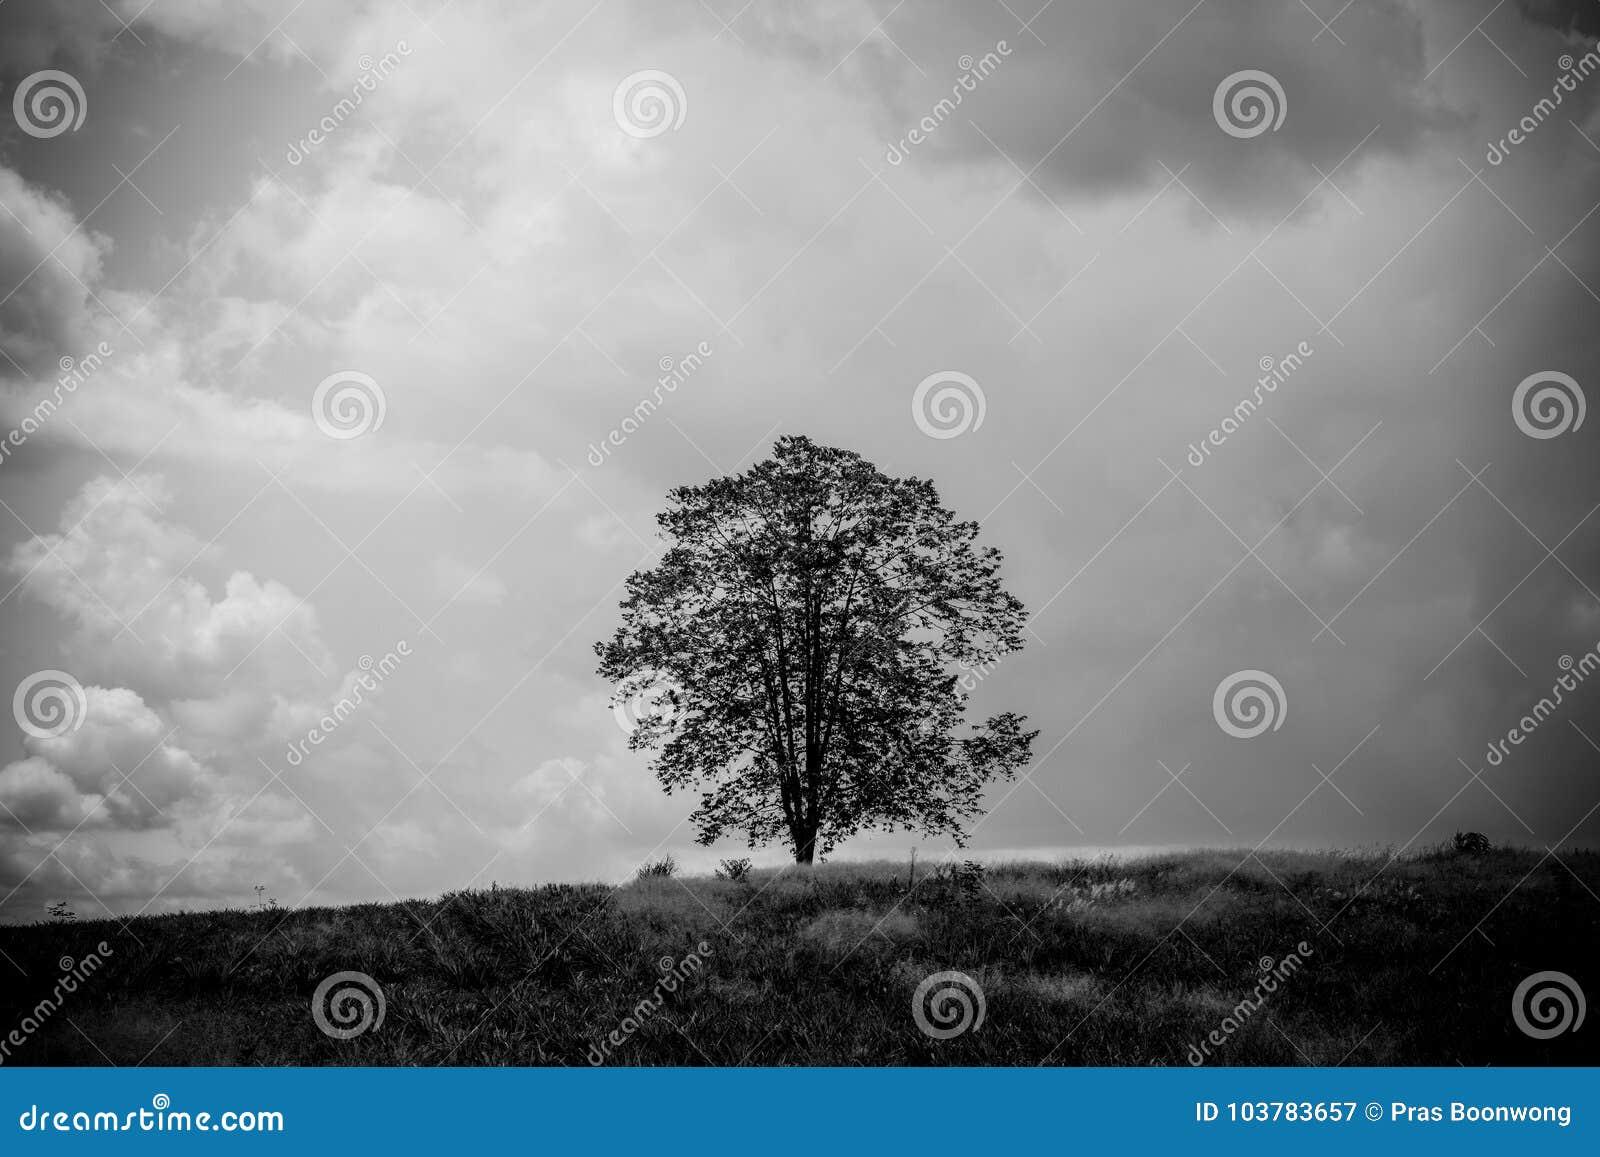 Imagen blanco y negro del único un soporte del árbol entre la naturaleza